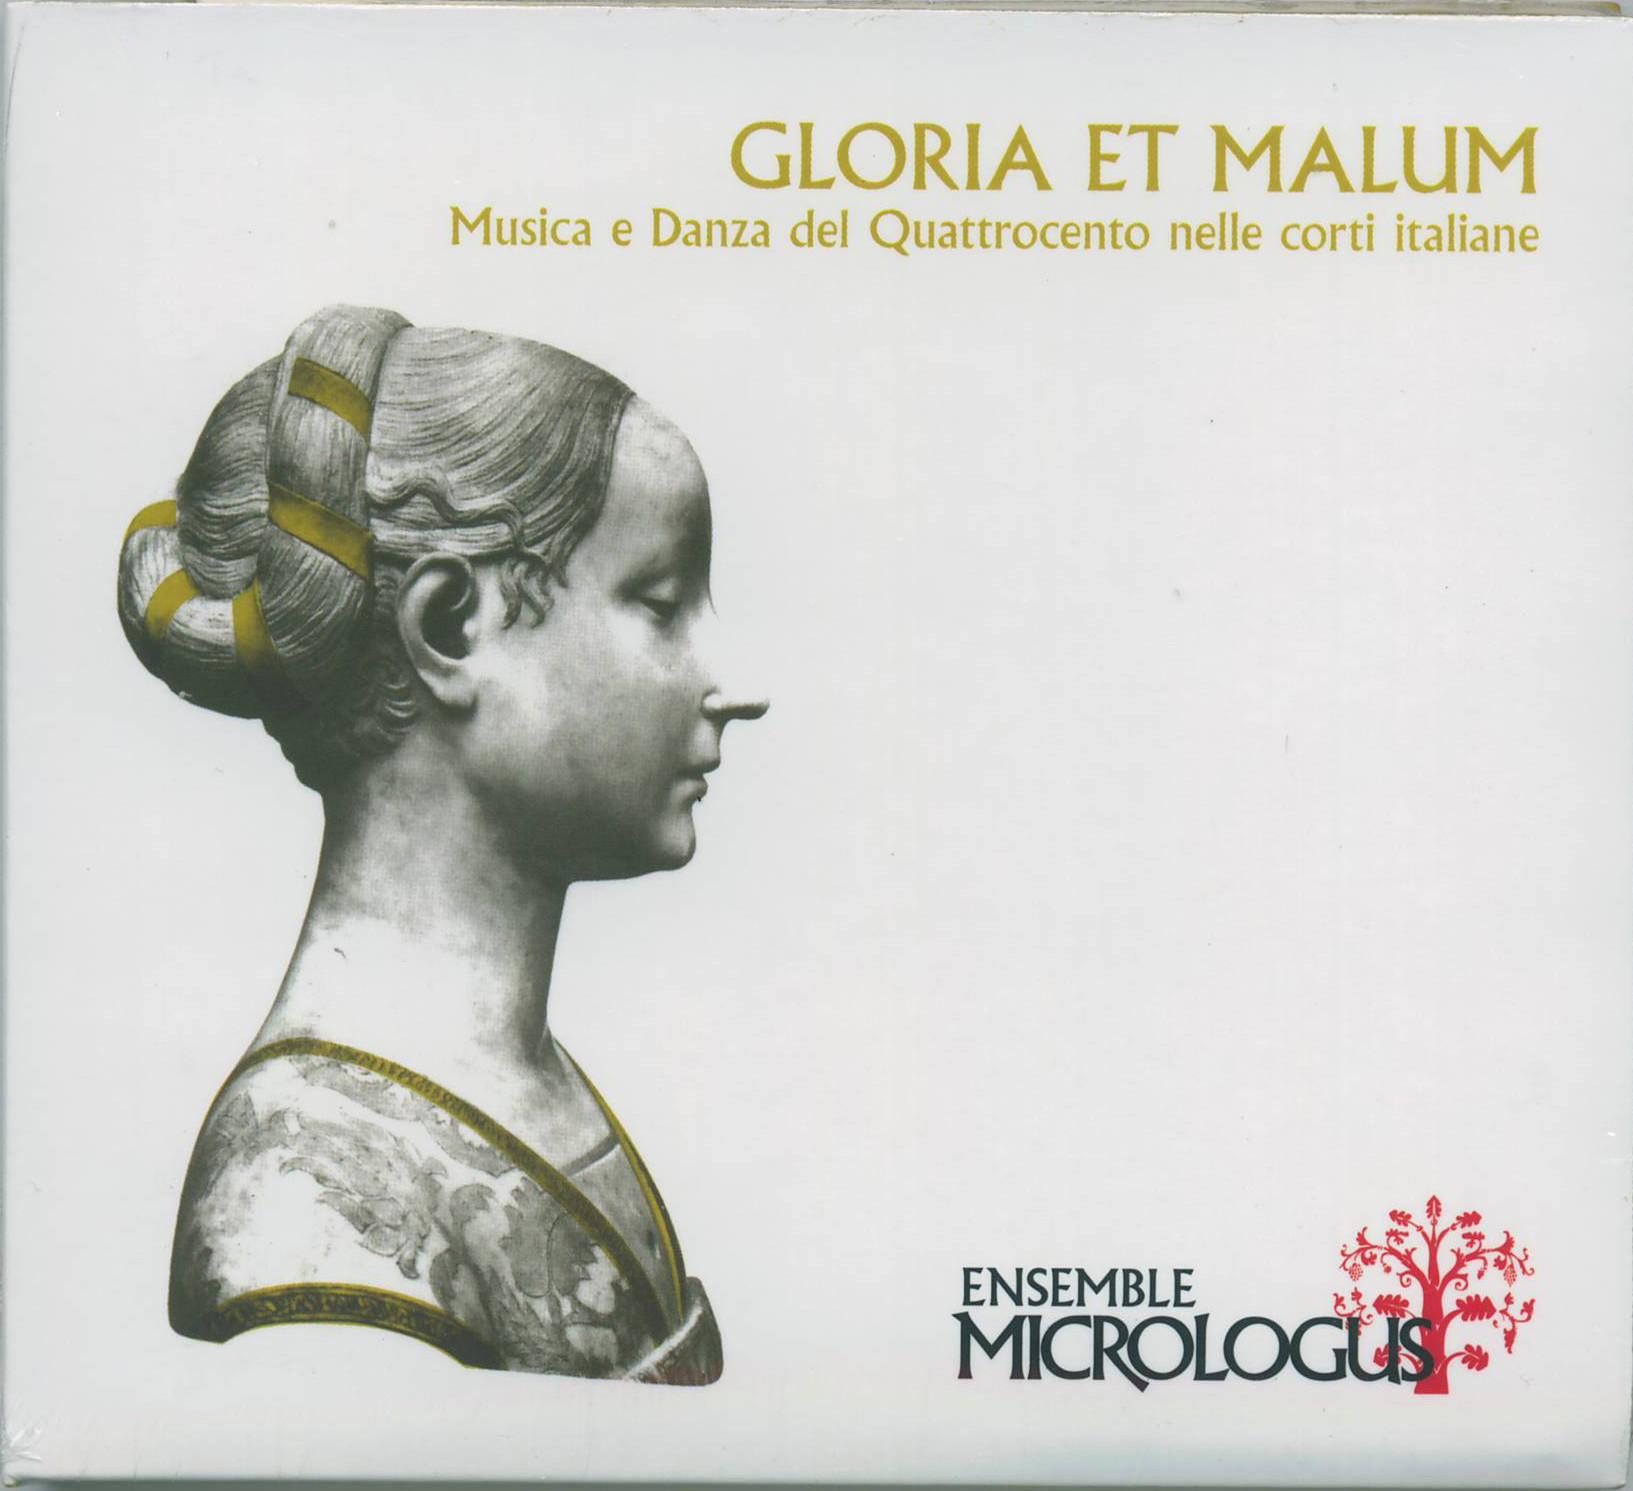 GLORIA ET MALUM